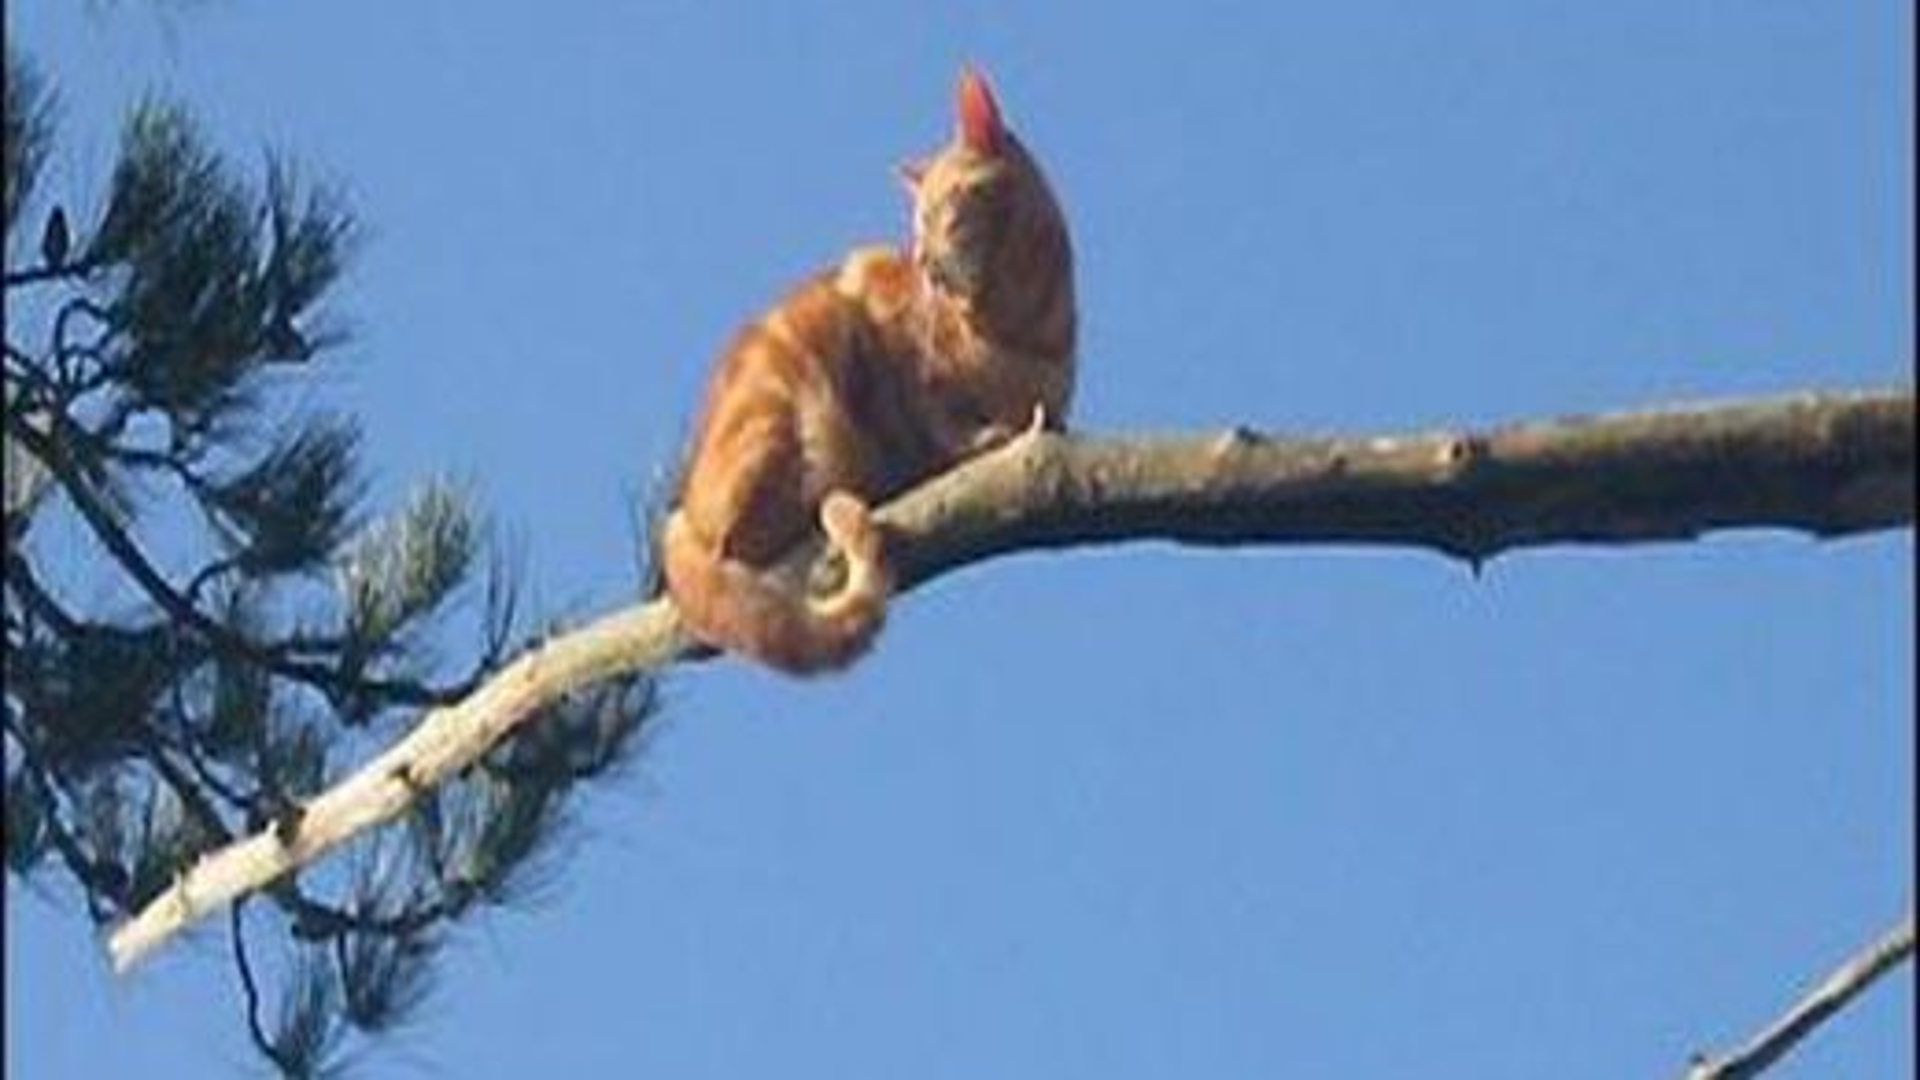 گربه روی درخت | تگ